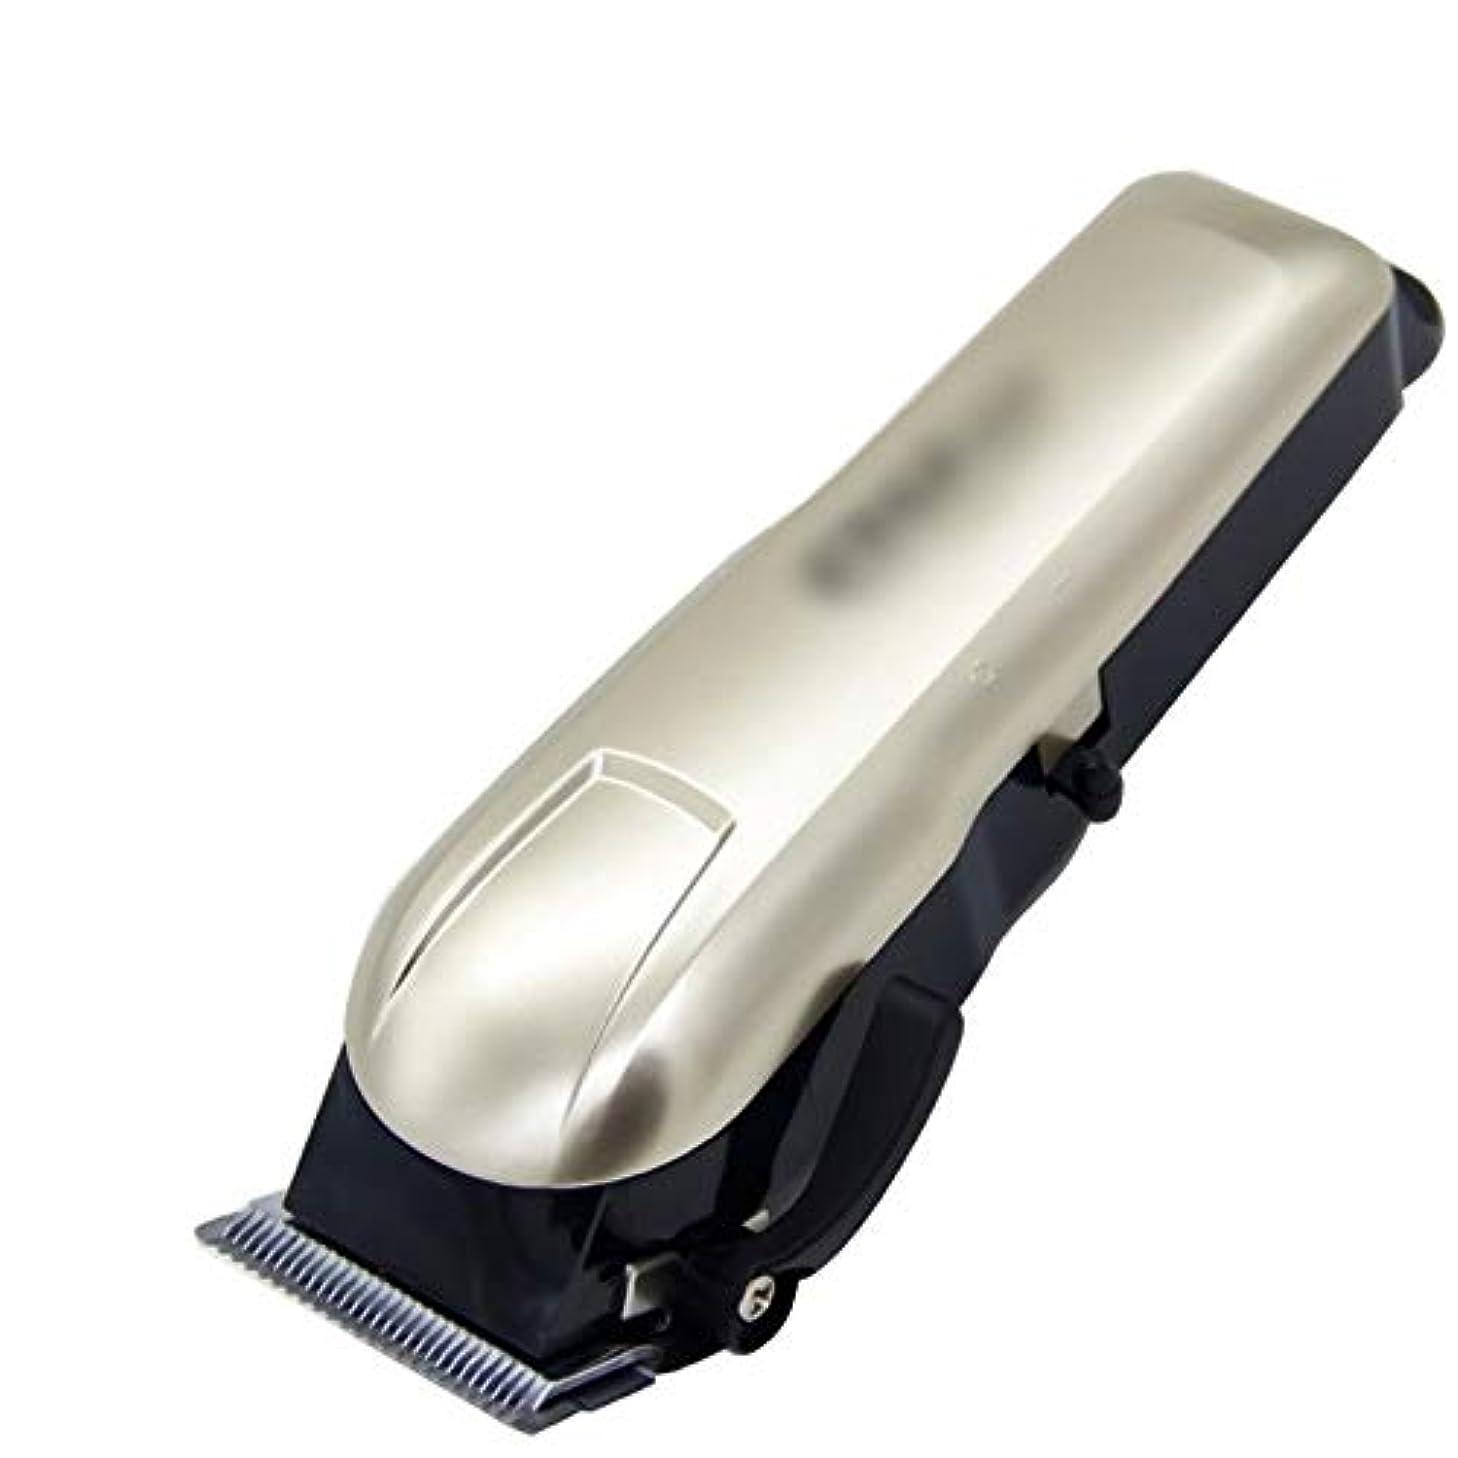 水っぽいトライアスロン勘違いするWAKABAFK 充電式バリカンヘアカット機シェーバーボディトリマーひげトリマーフェイストリマー